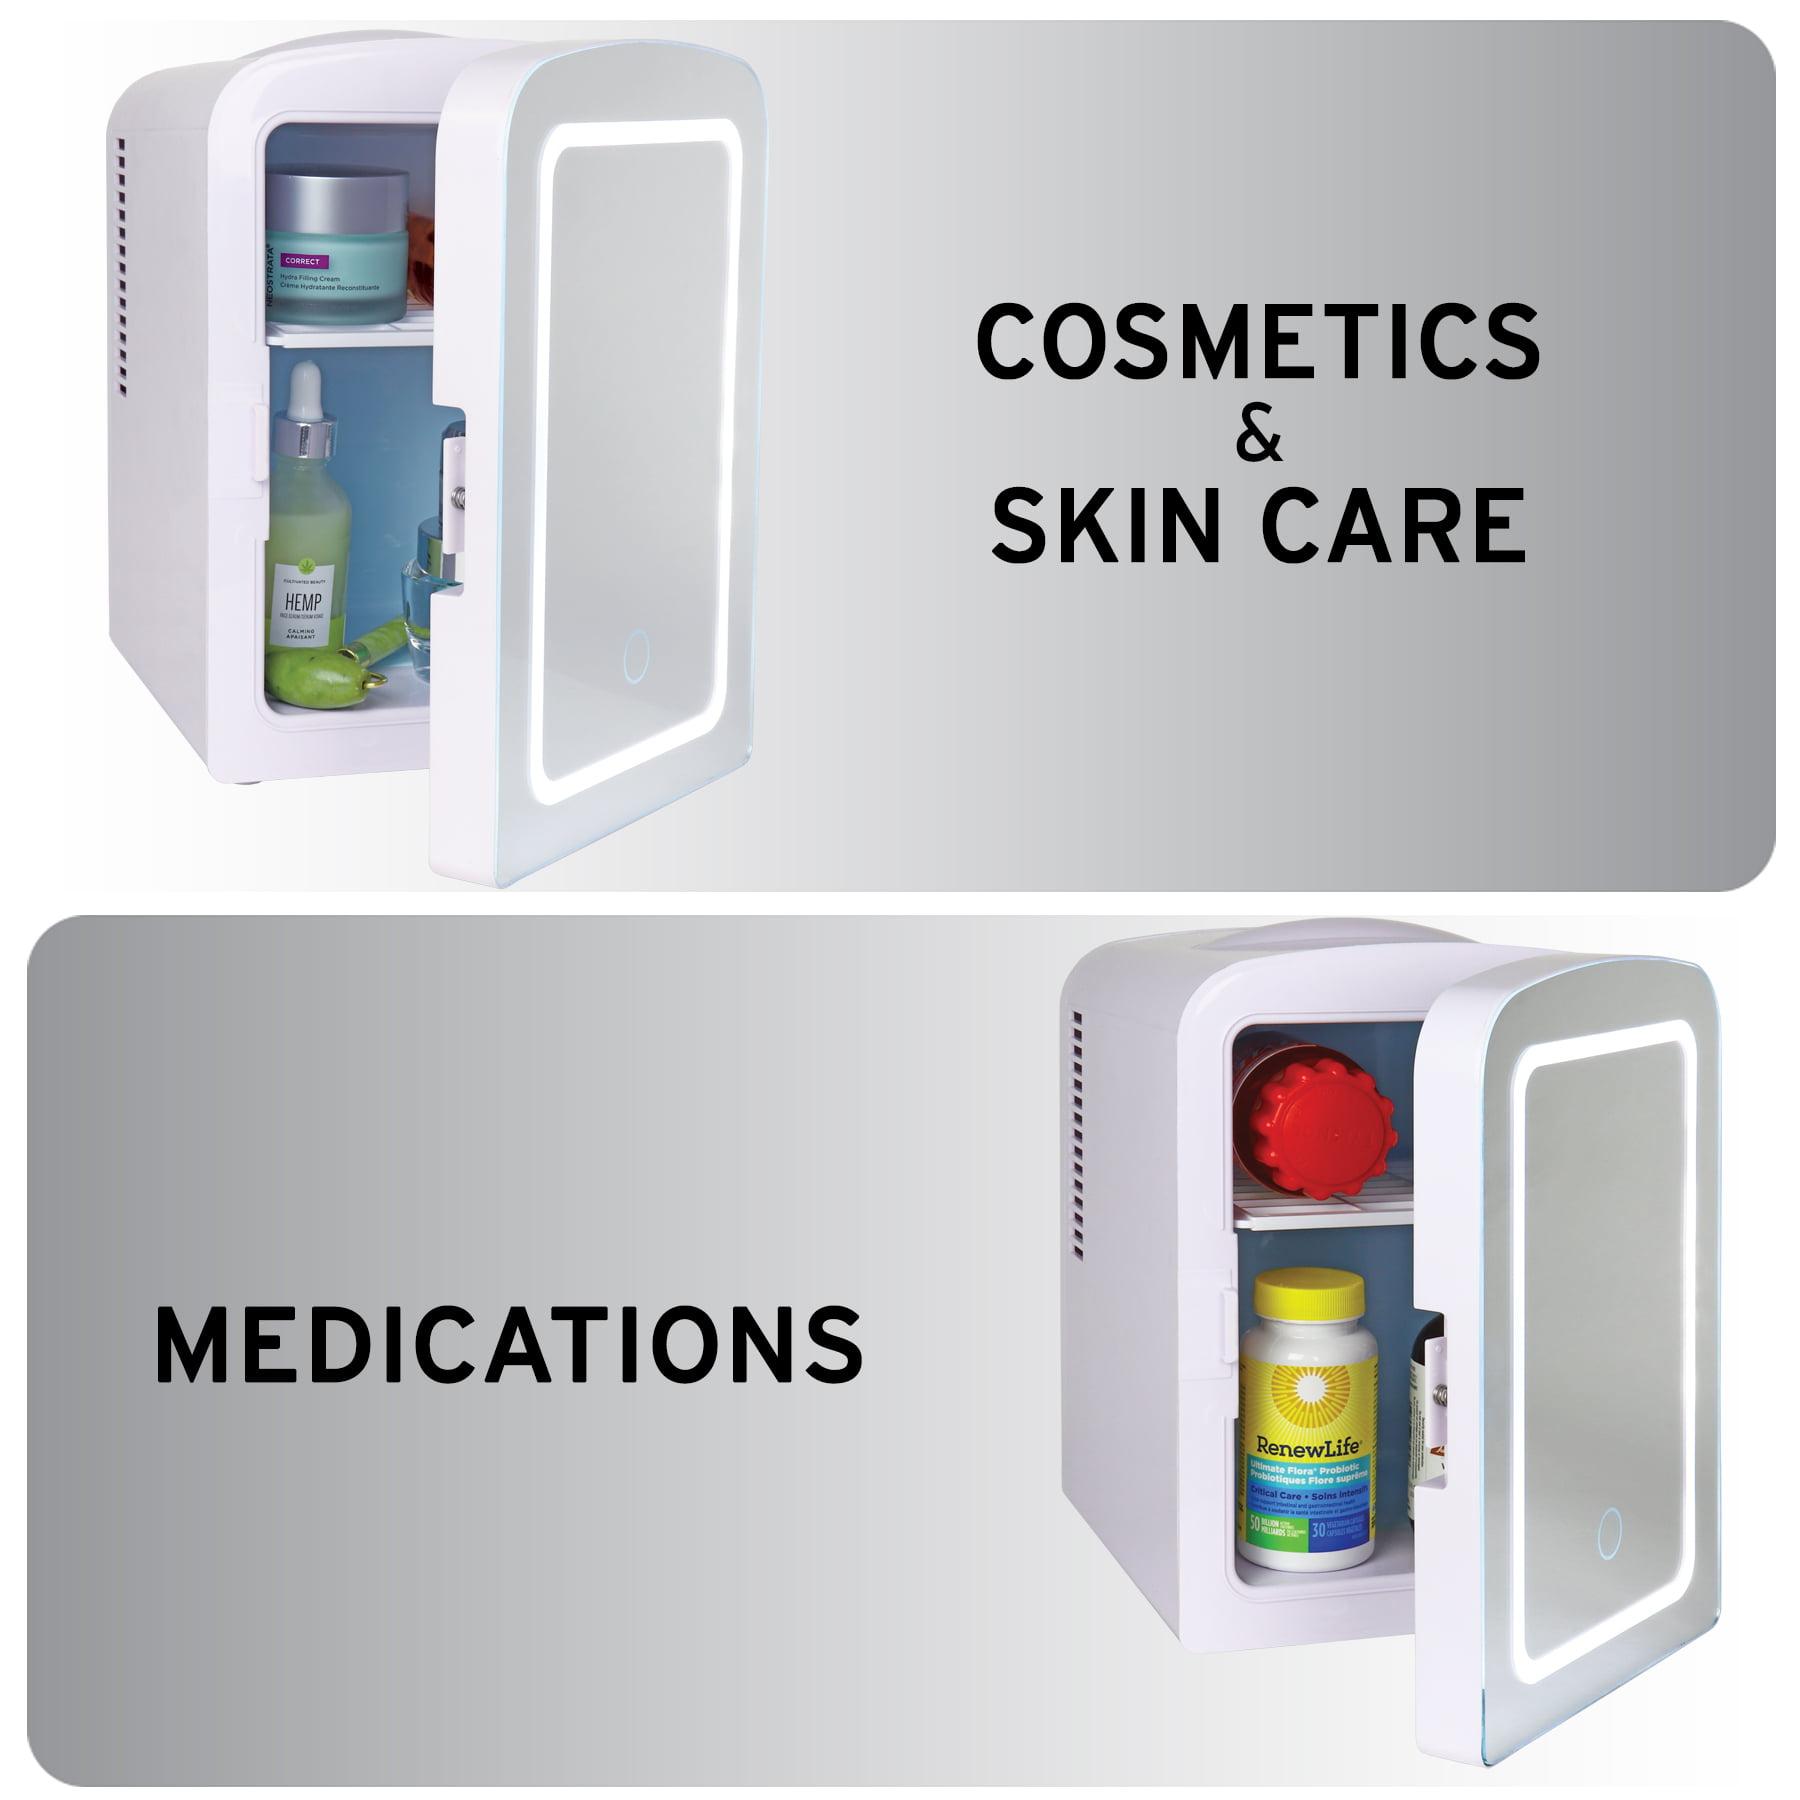 Koolatron Mirrored Led Mini Cooler Mini Fridge For Cosmetics Beverages Food Or Medicines 4 Liters 4 2 Quarts Walmart Com Walmart Com